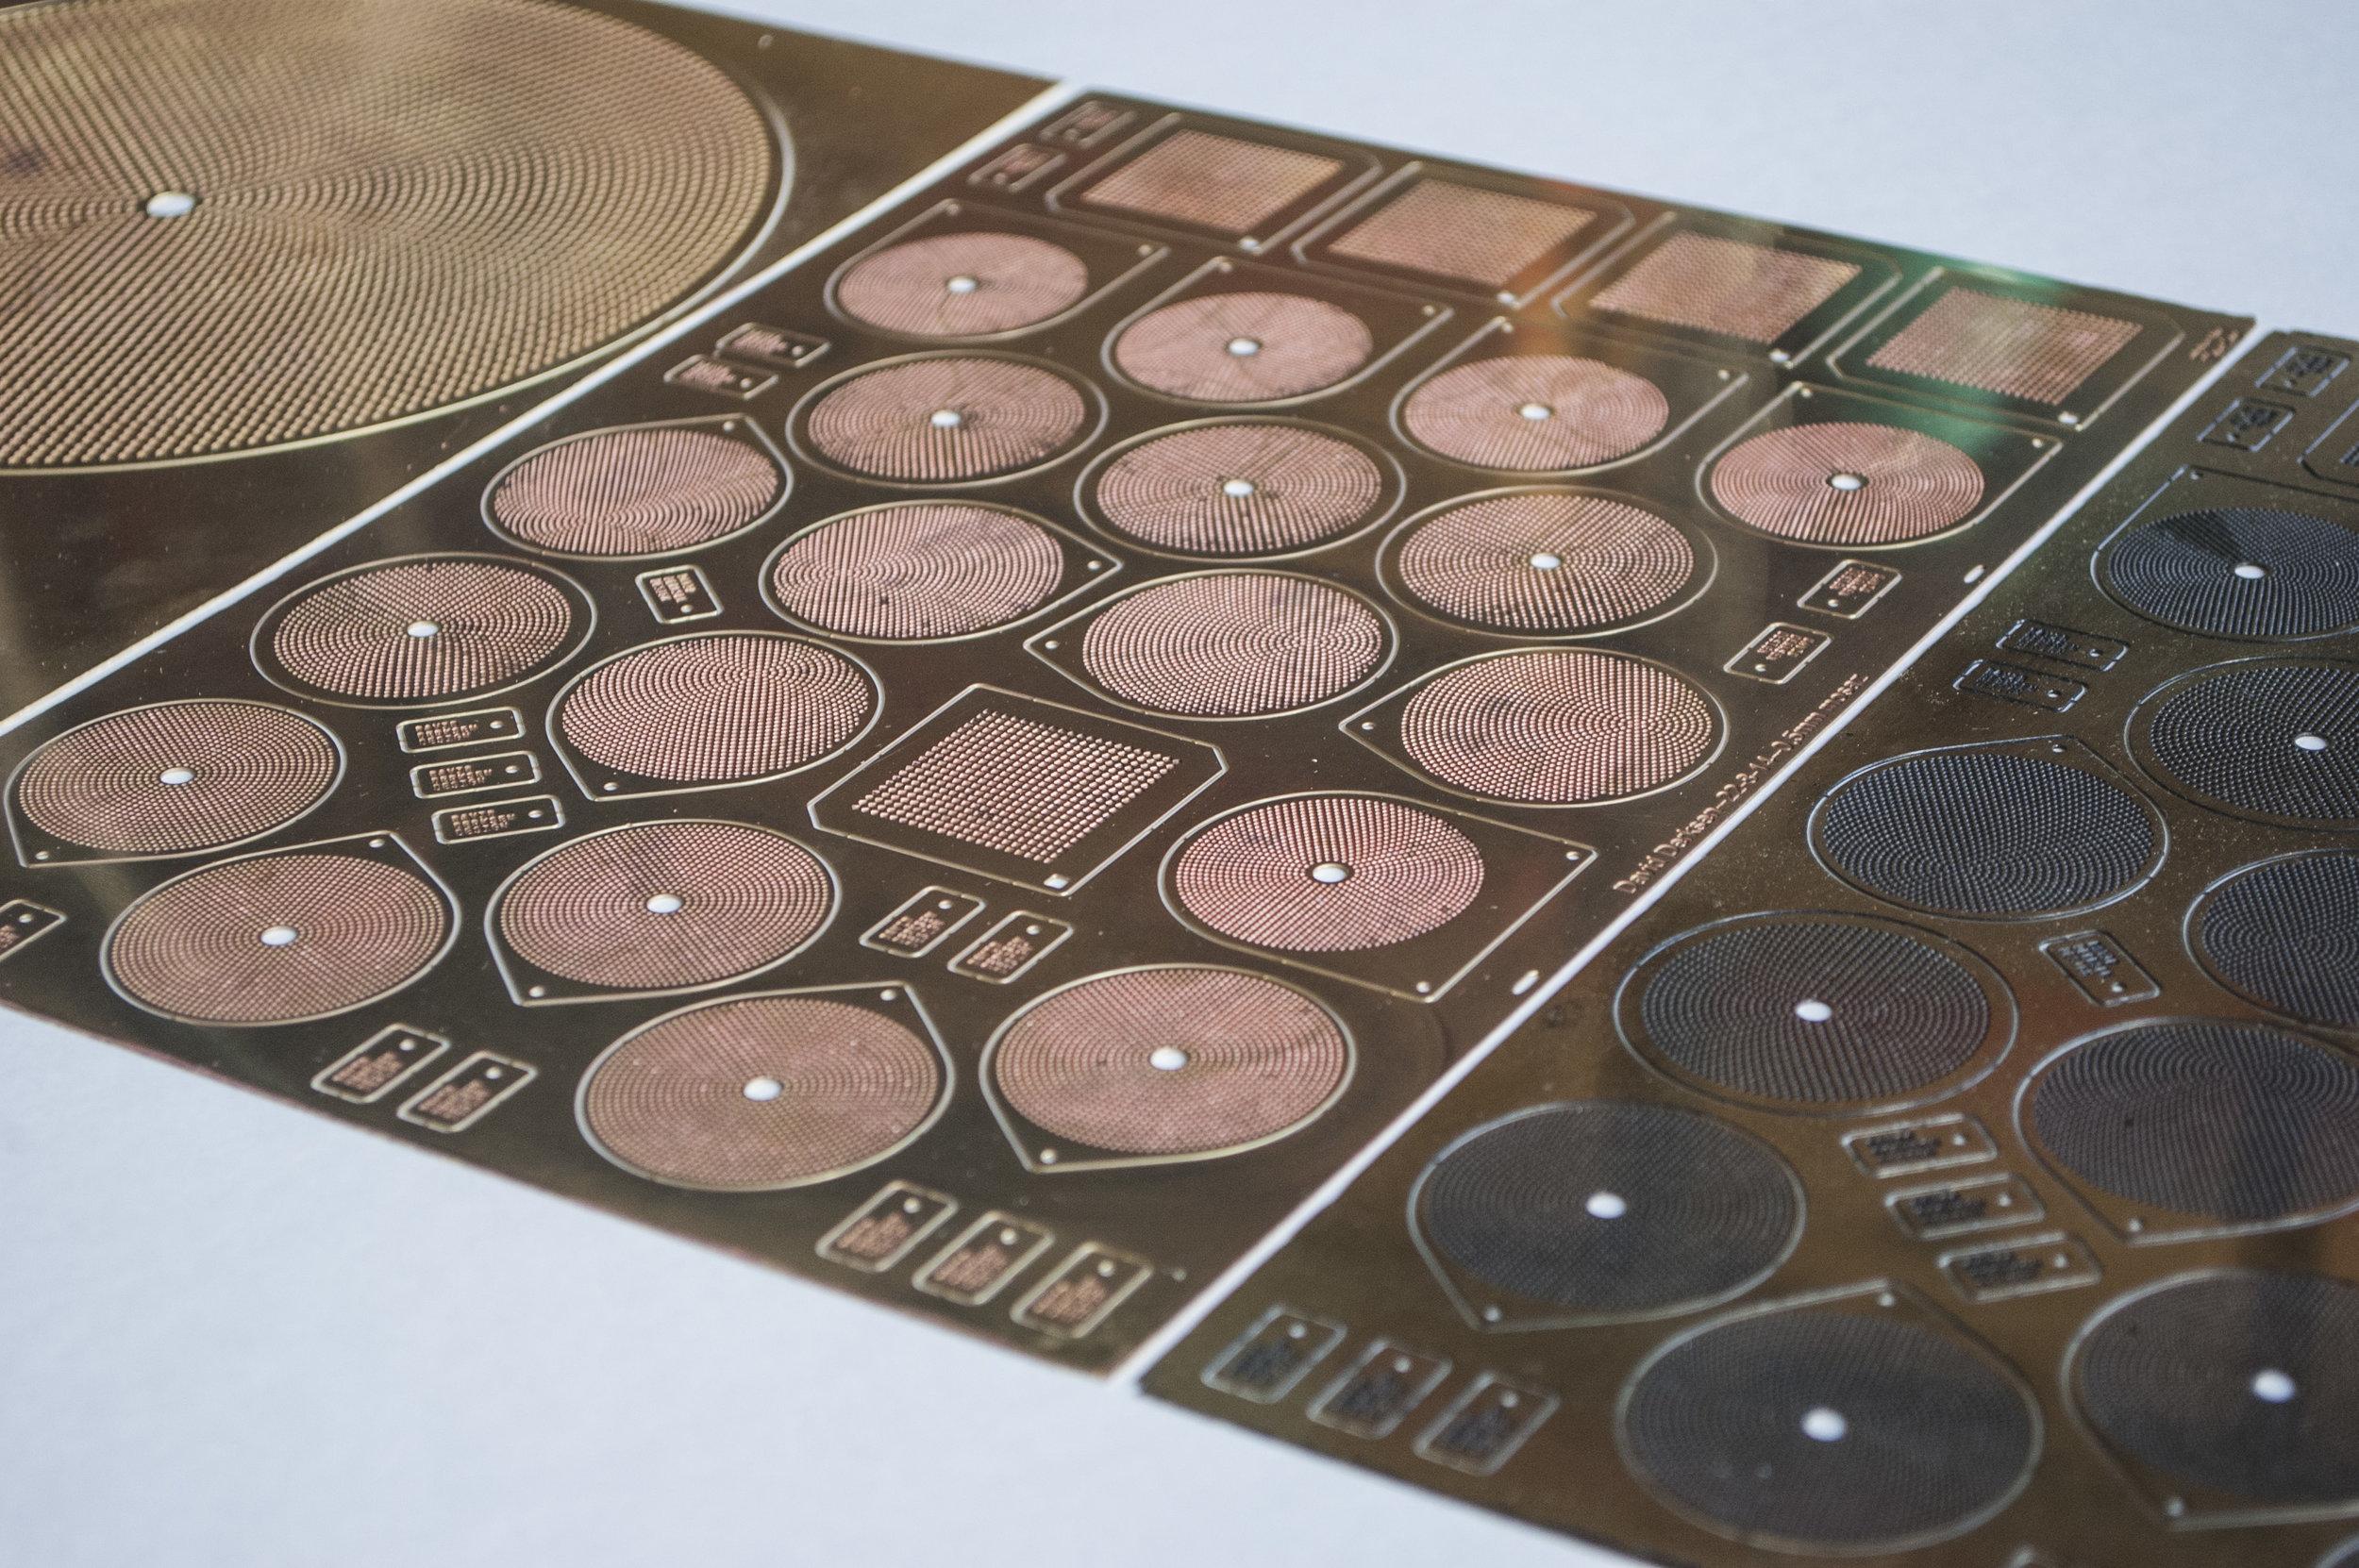 Moire Jewelry proces - David Derksen05.jpg